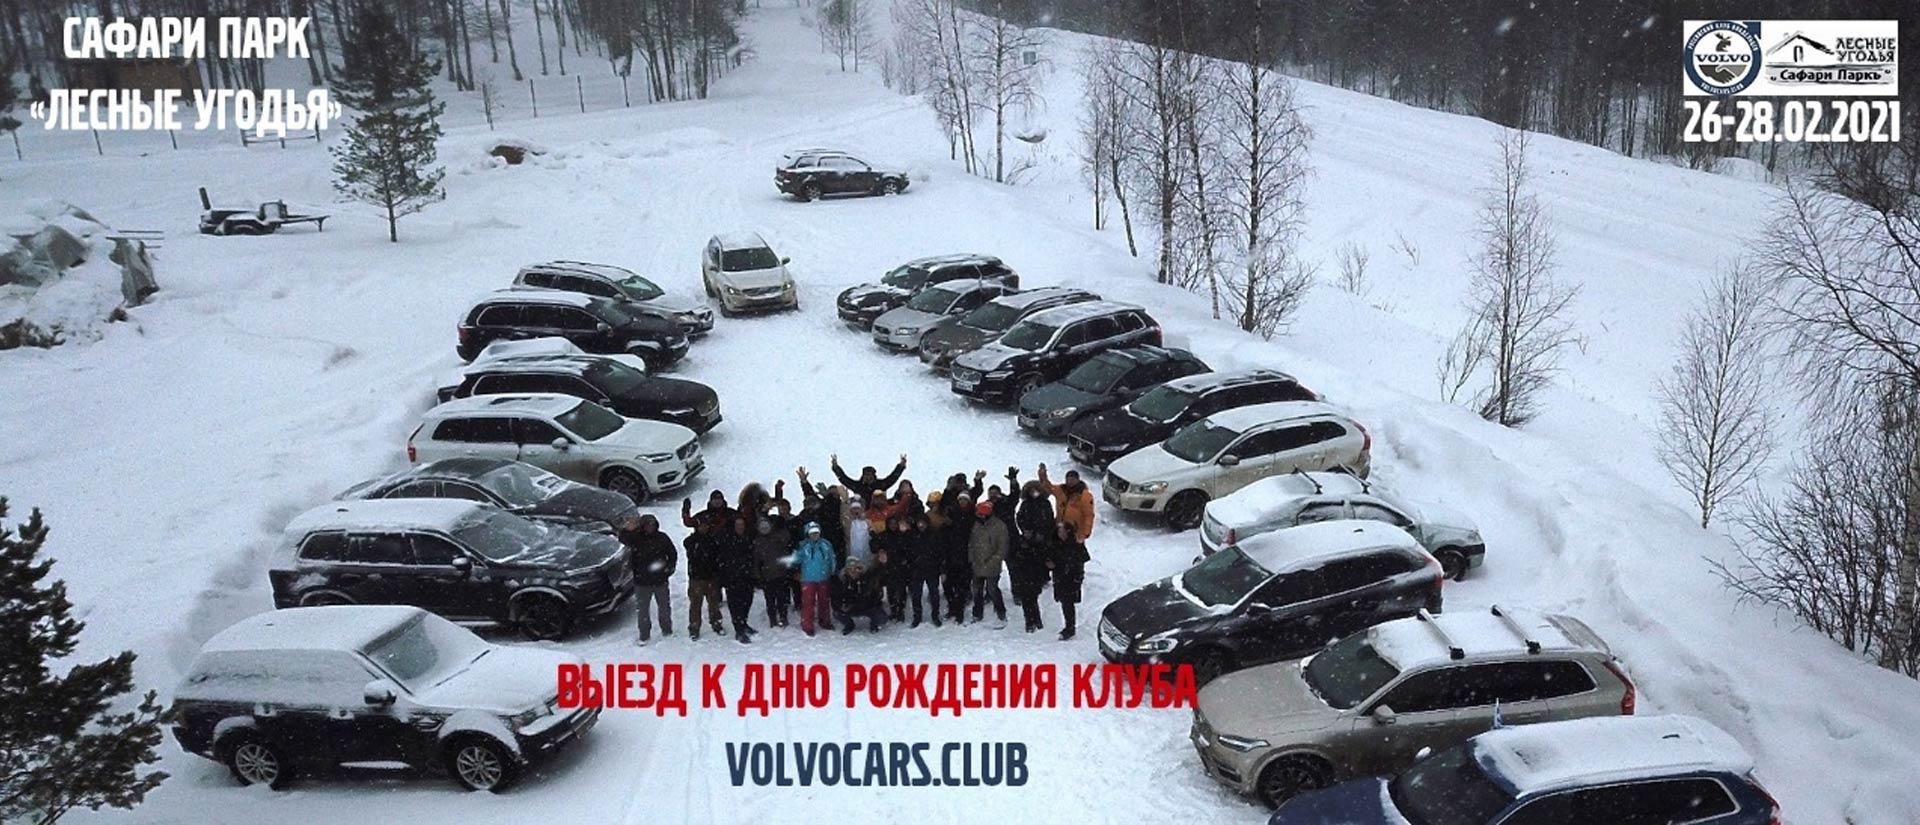 volvocarsclub2021-slider